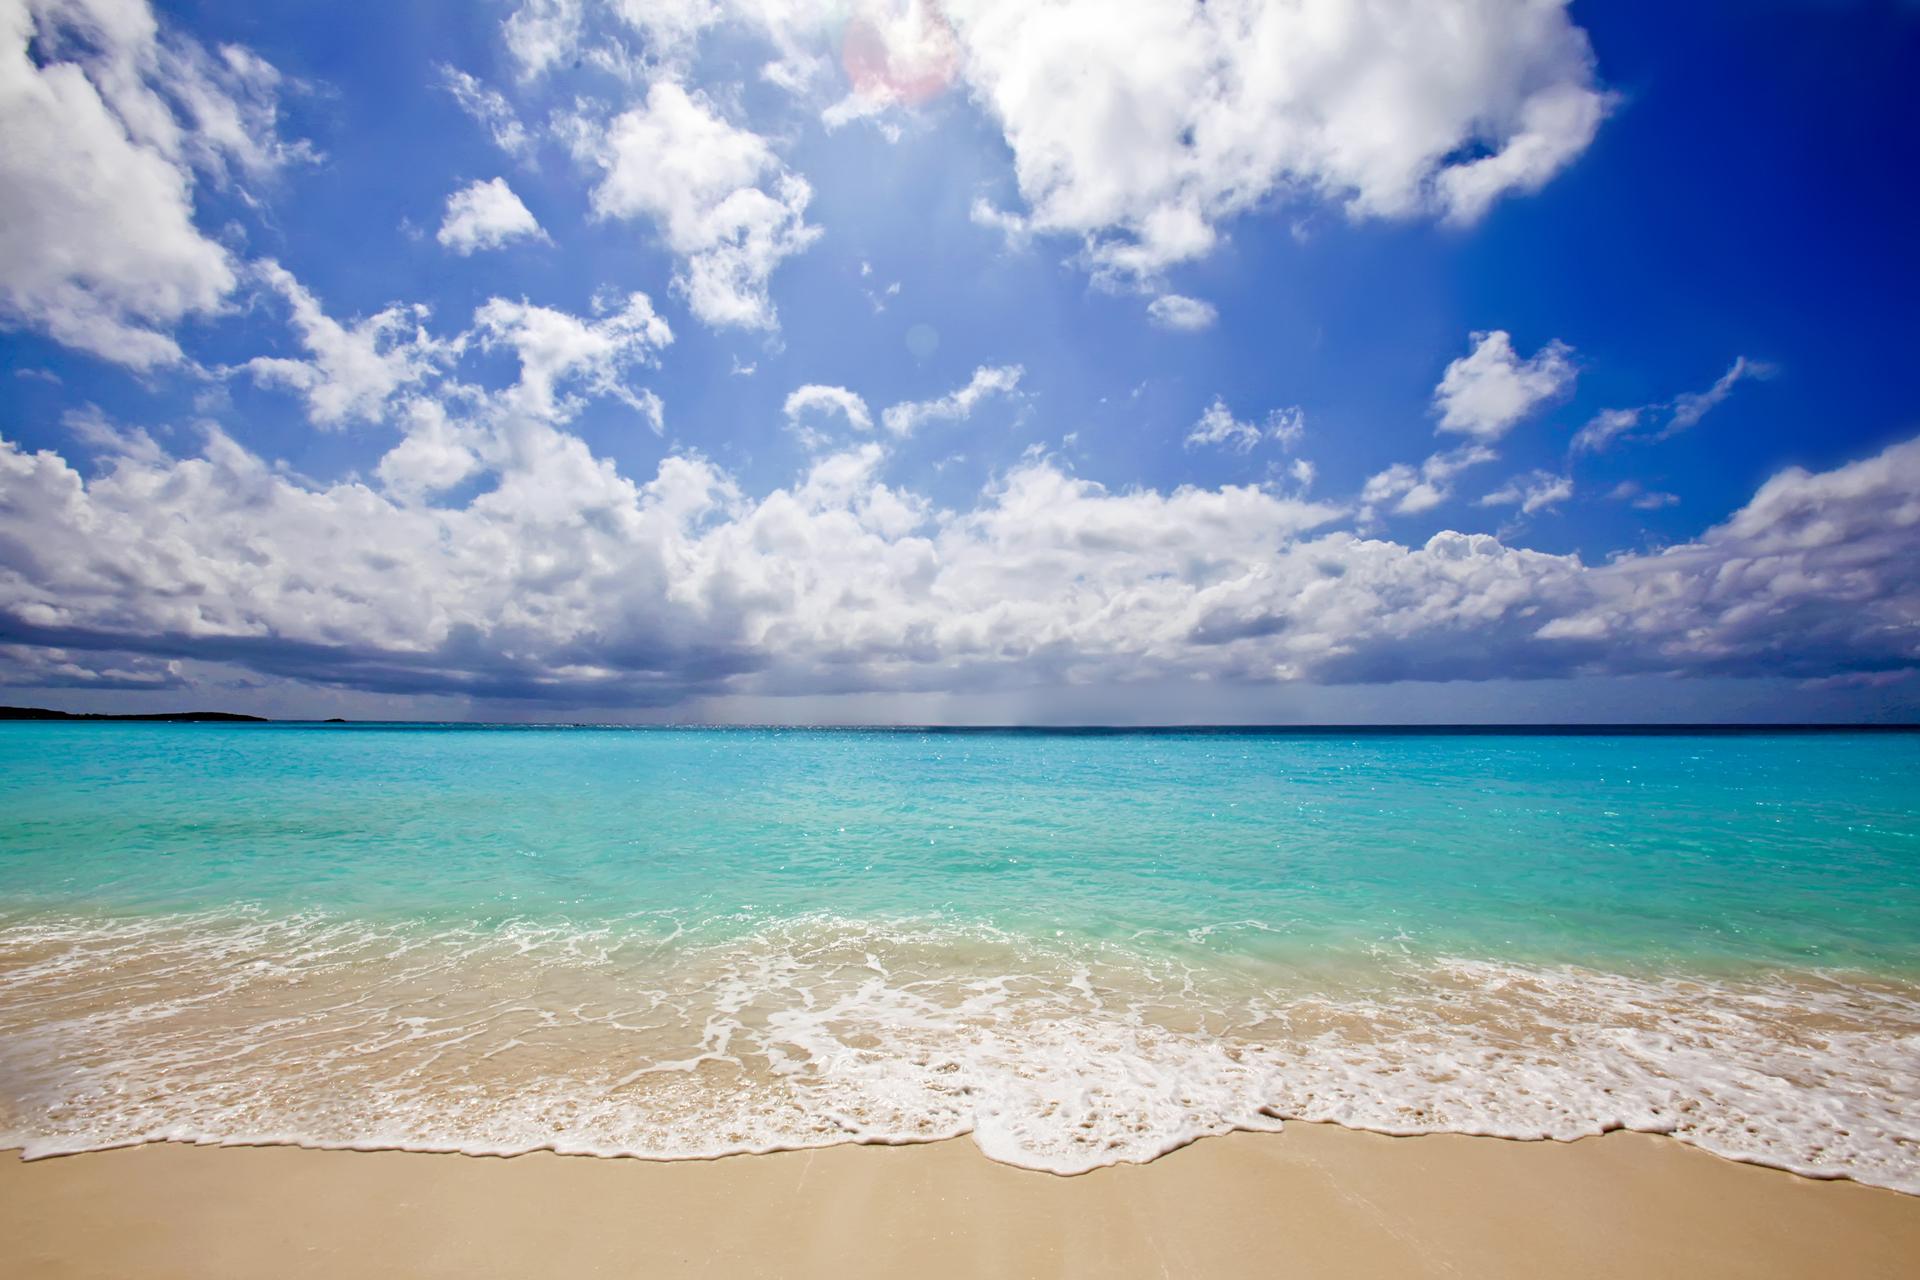 Caribbean Beach Wallpaper HD By Venomxbaby